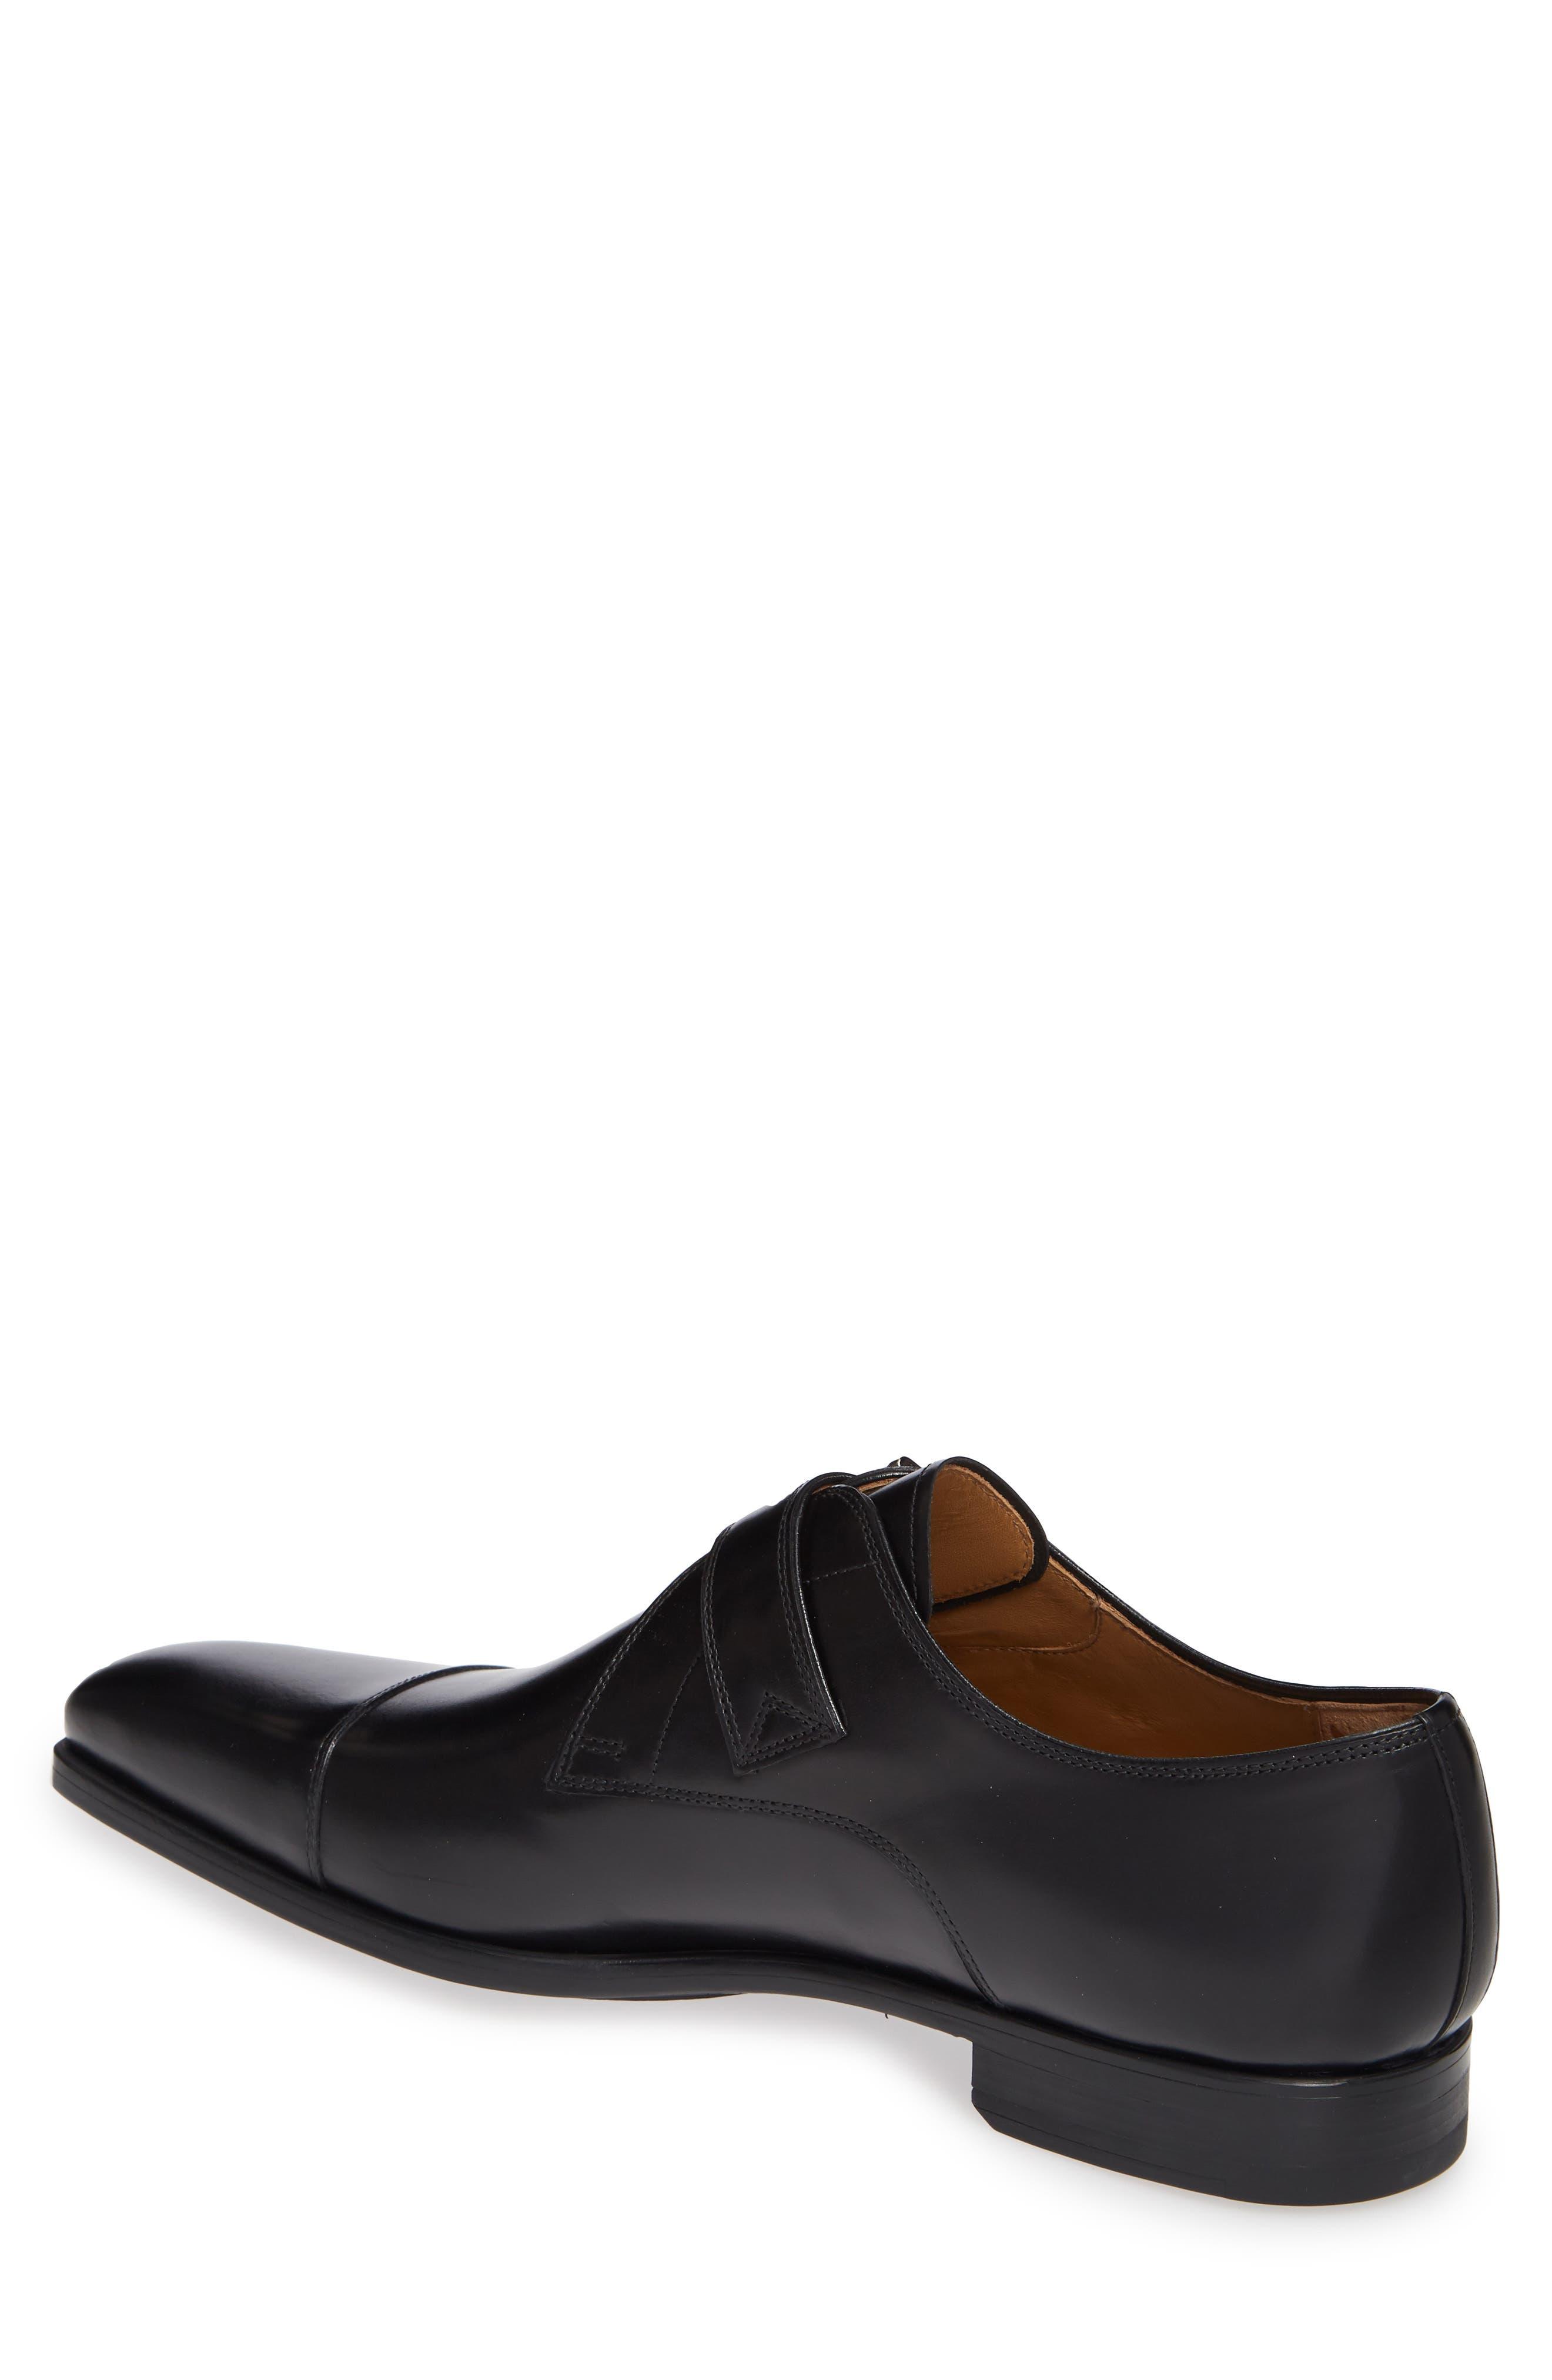 Patricio Monk Strap Shoe,                             Alternate thumbnail 2, color,                             BLACK LEATHER